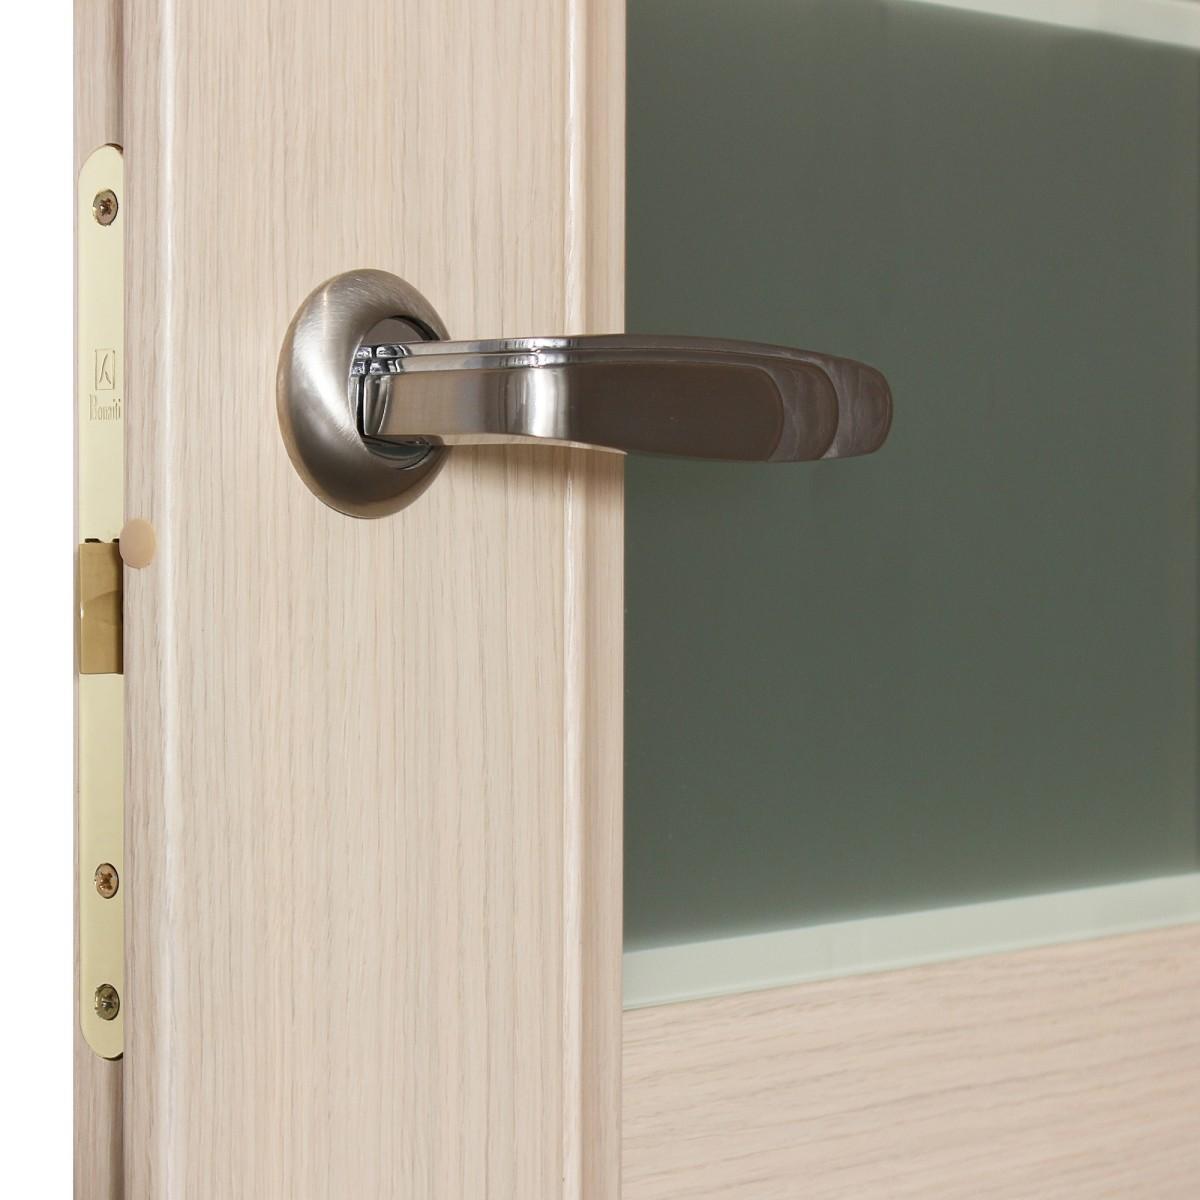 Дверь Межкомнатная Остеклённая Конкорд Cpl 90x200 Цвет Выбеленый Дуб